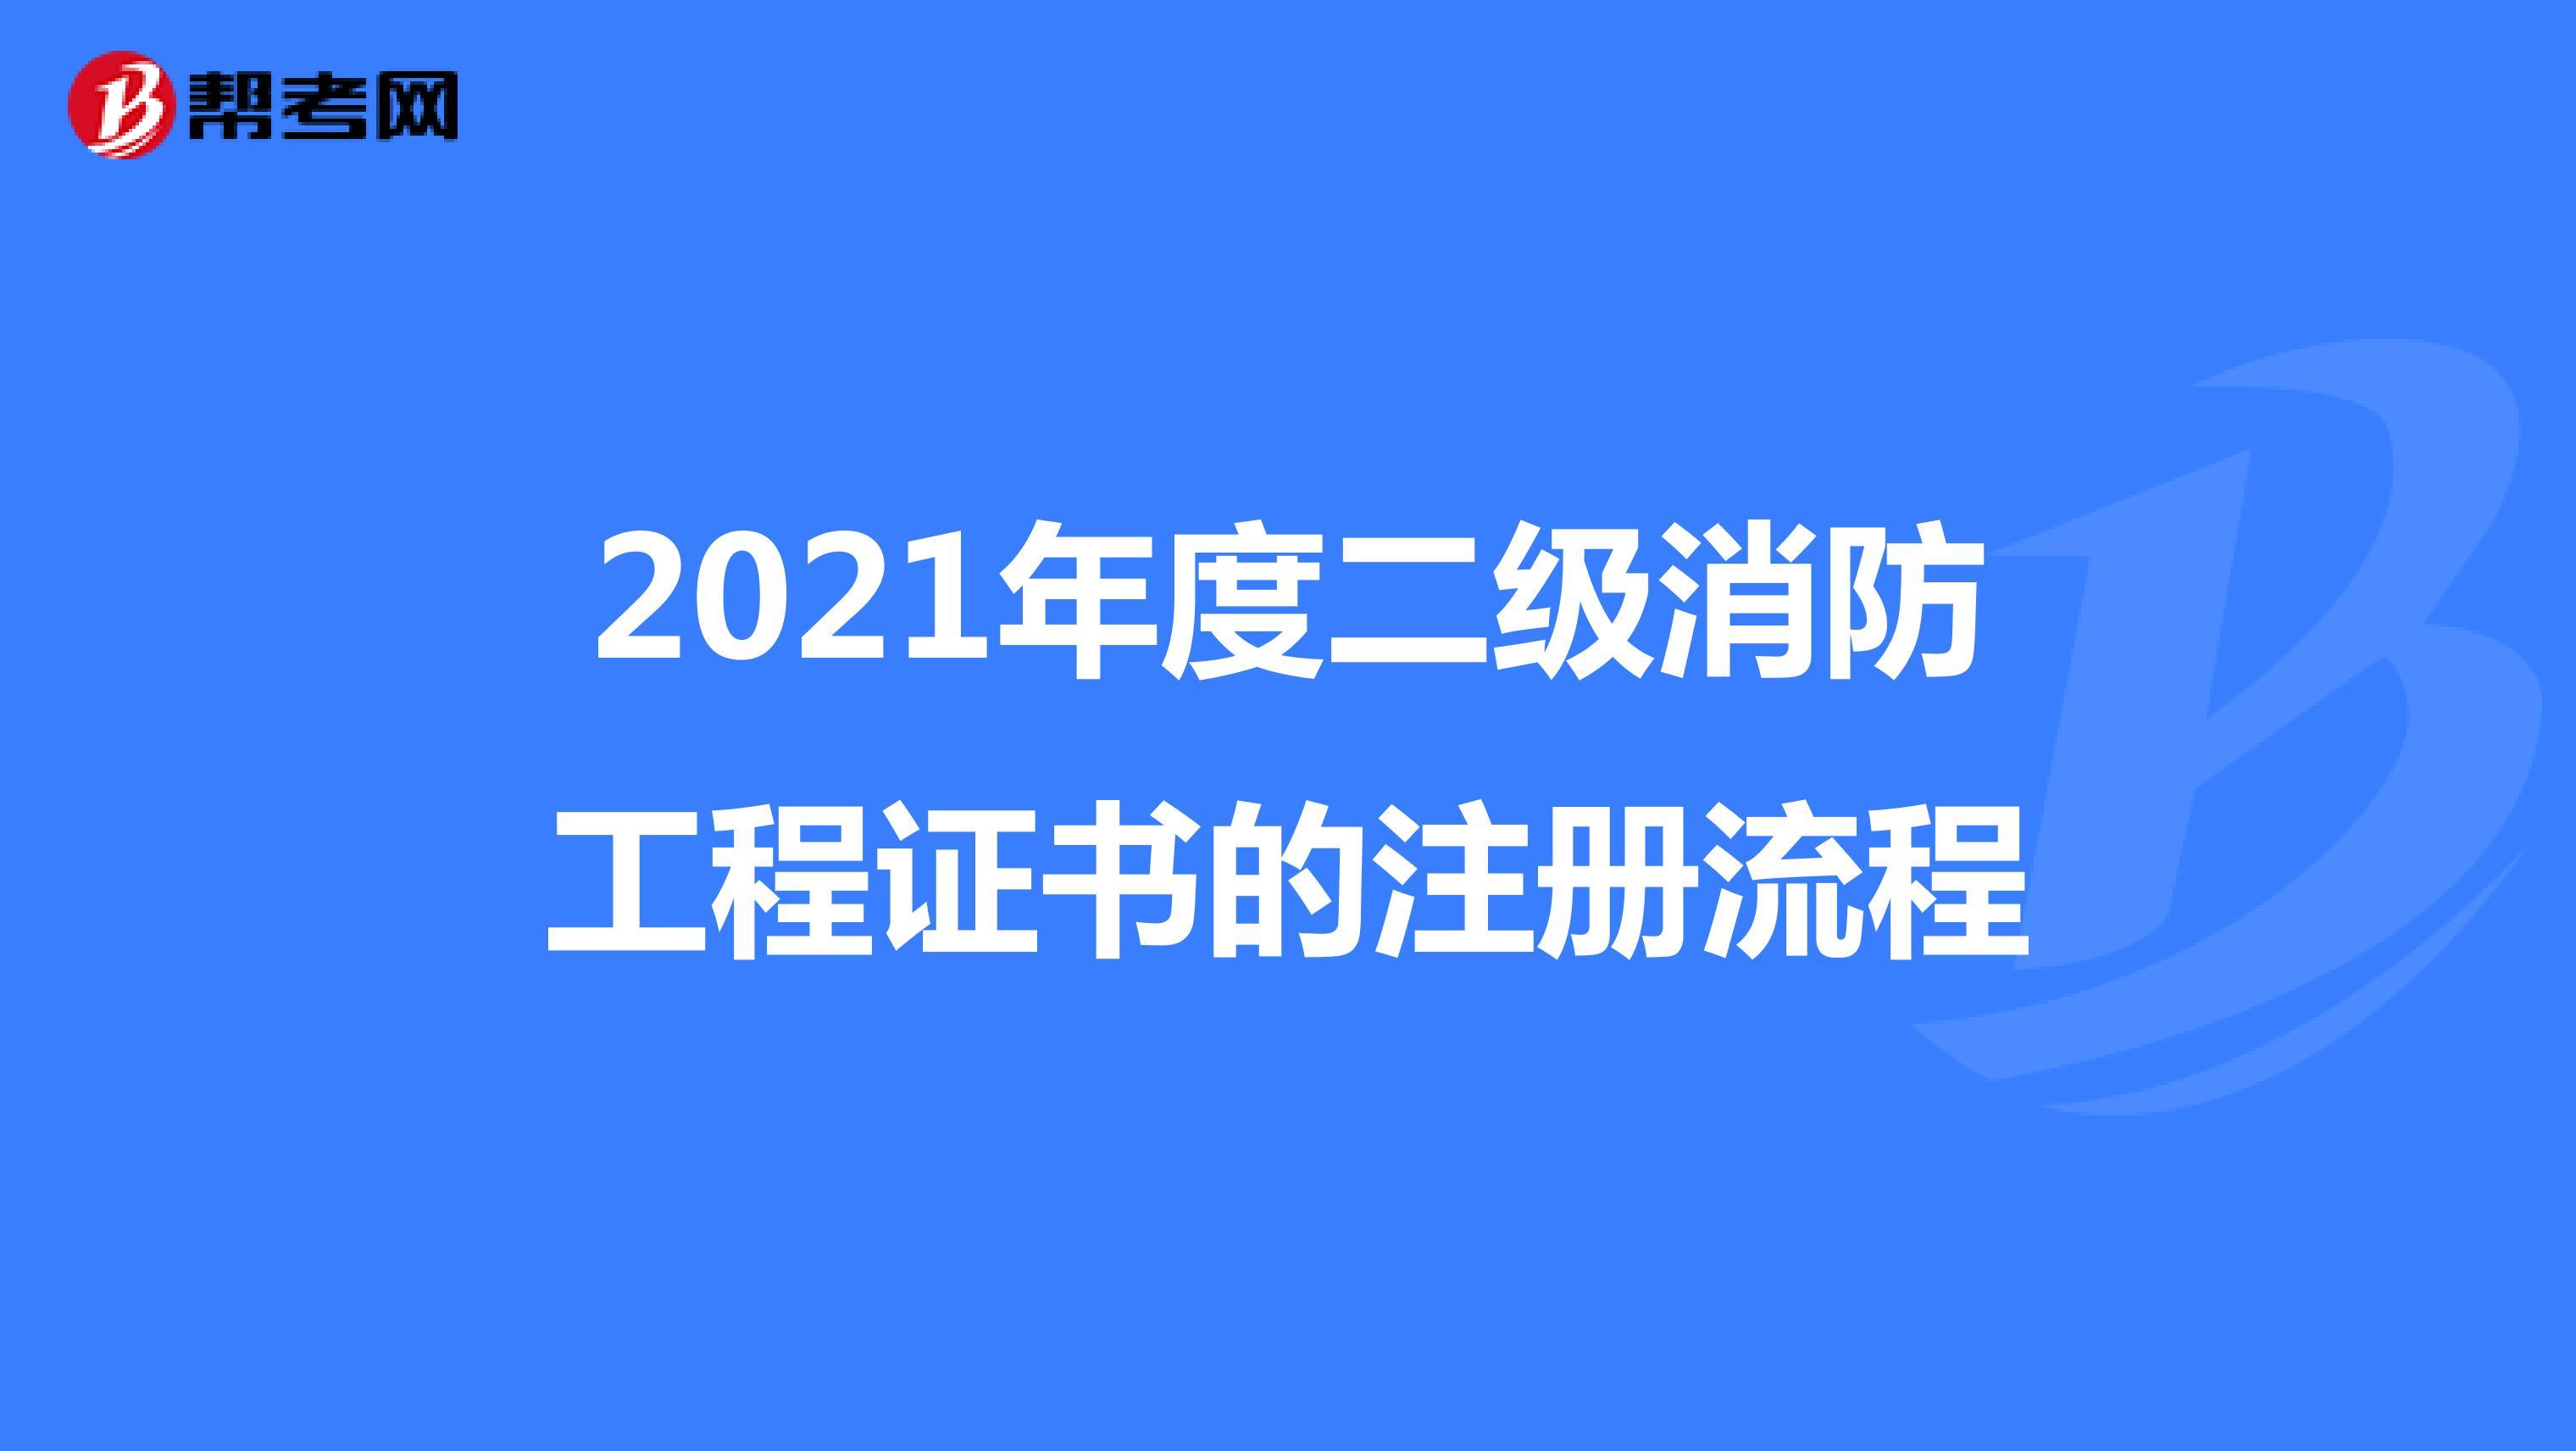 2021年度二级消防工程证书的注册流程